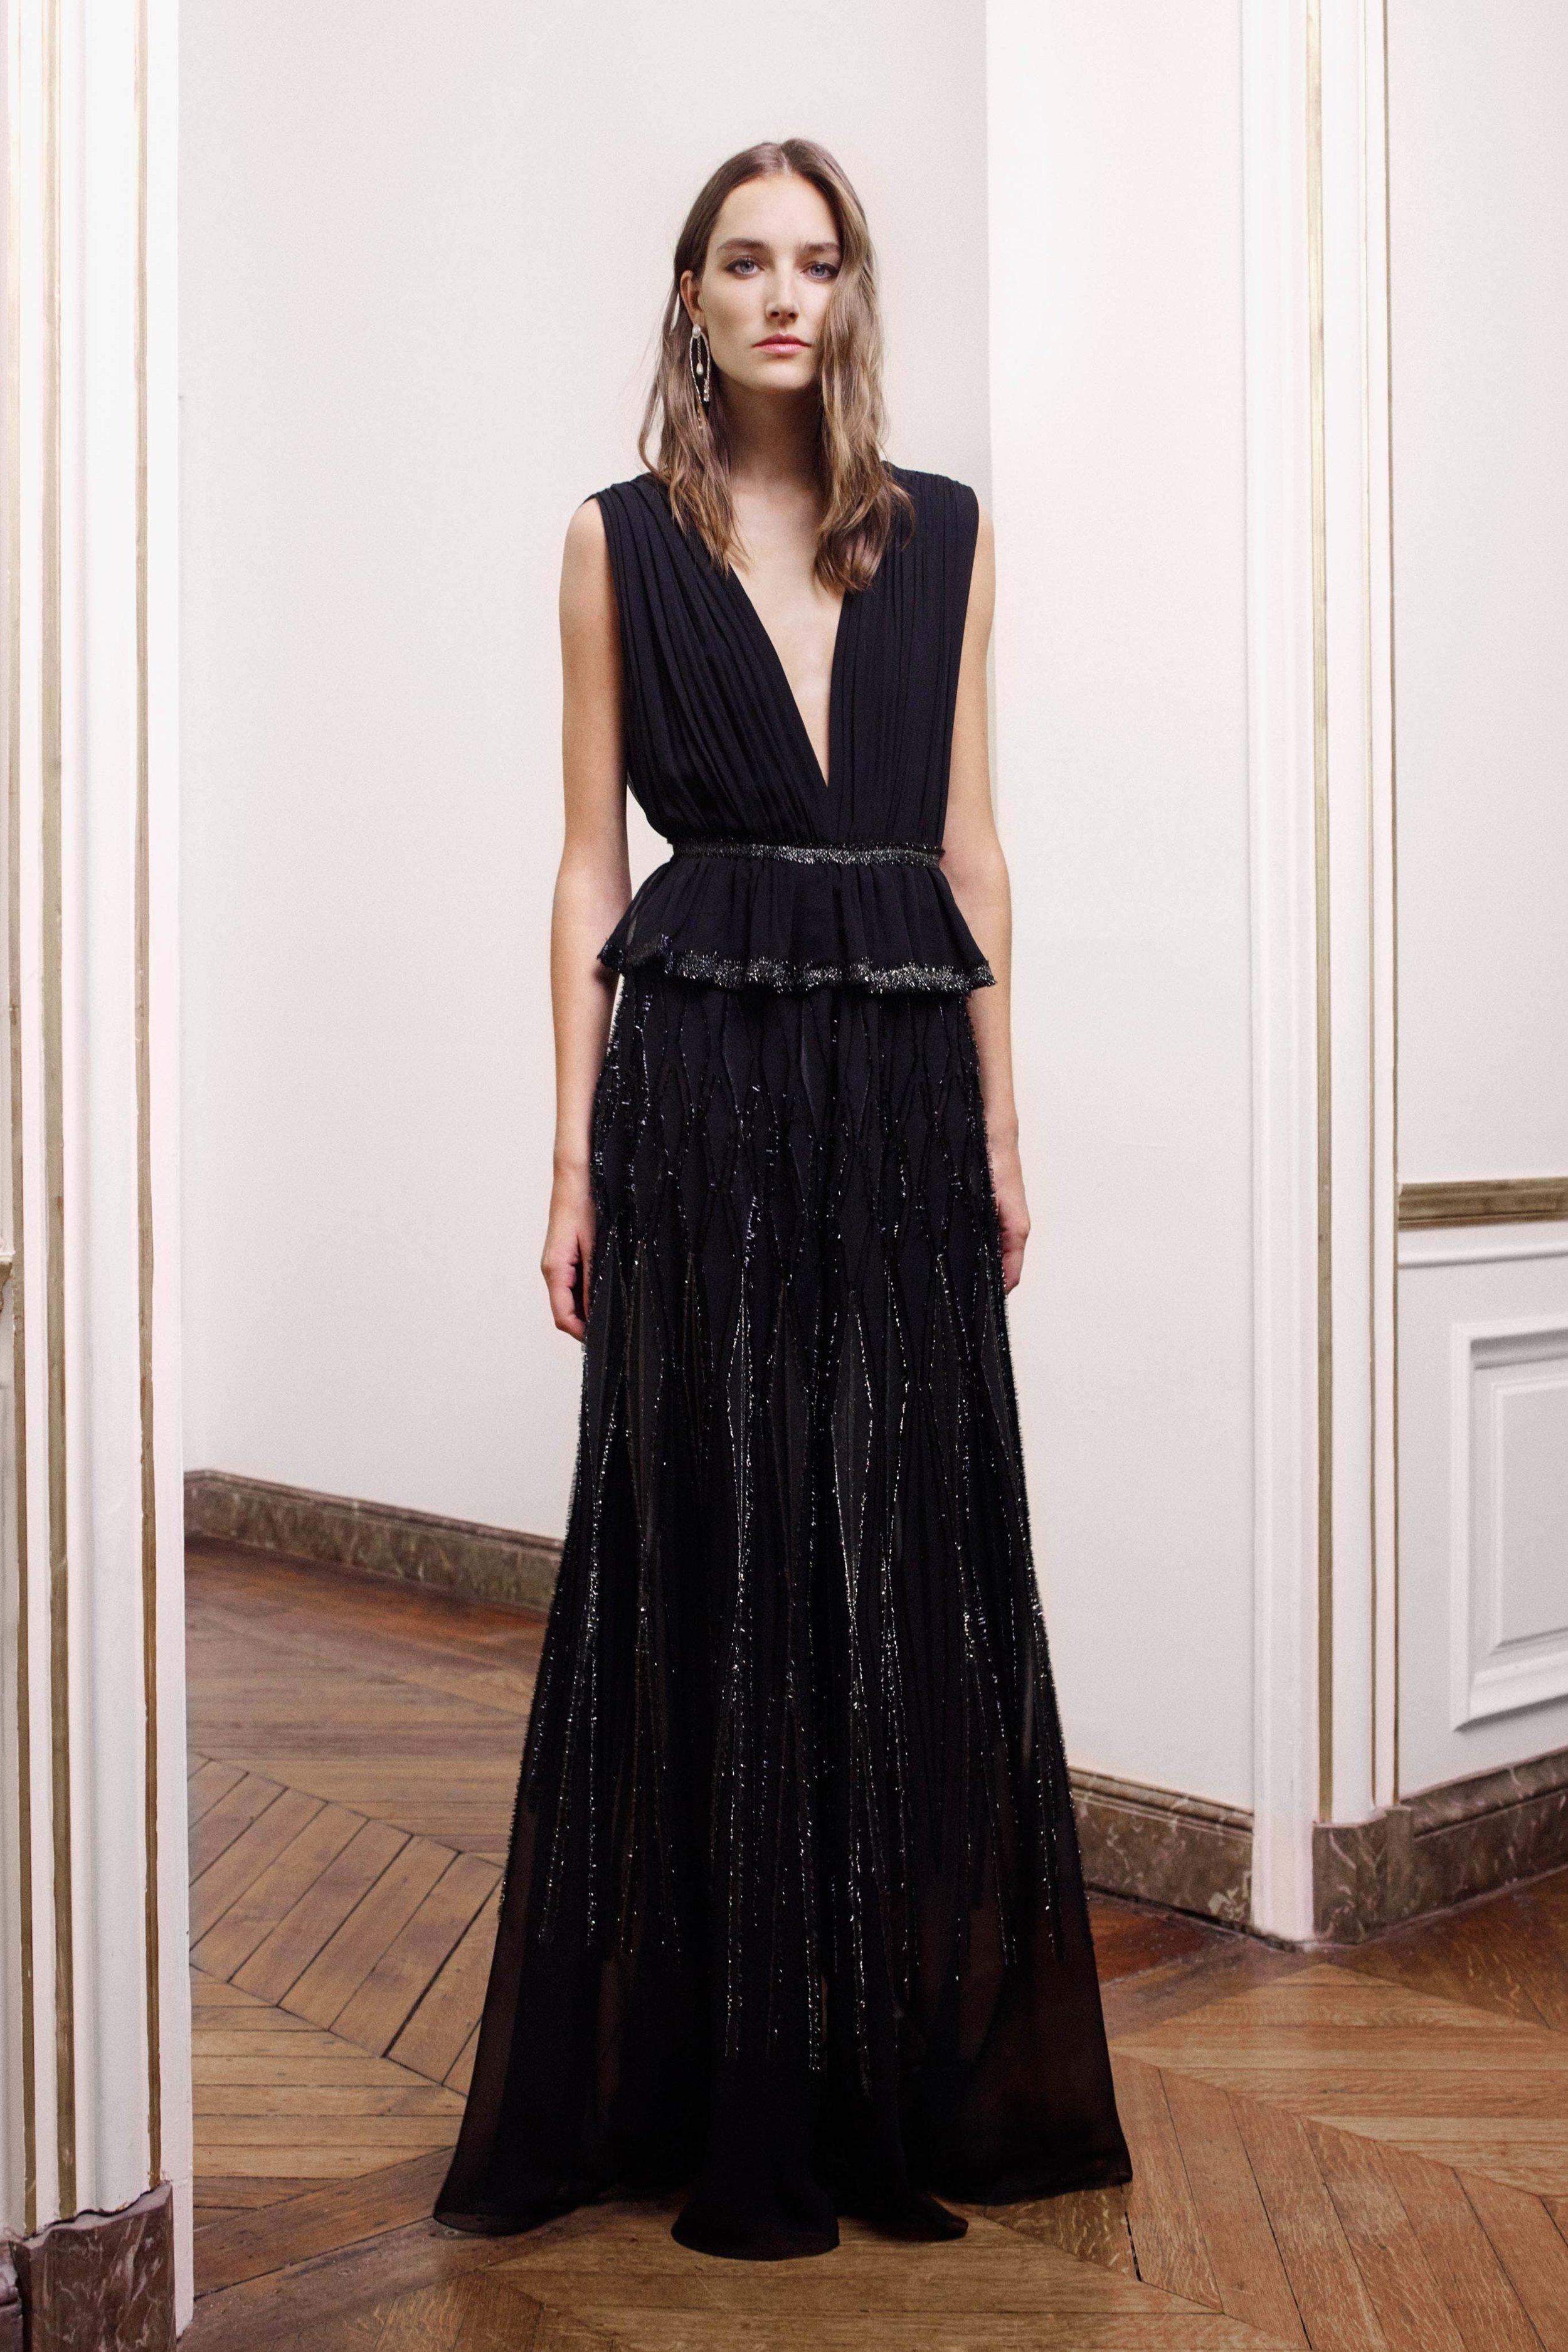 00001-alberta-ferreti-paris-couture-spring-19.jpg